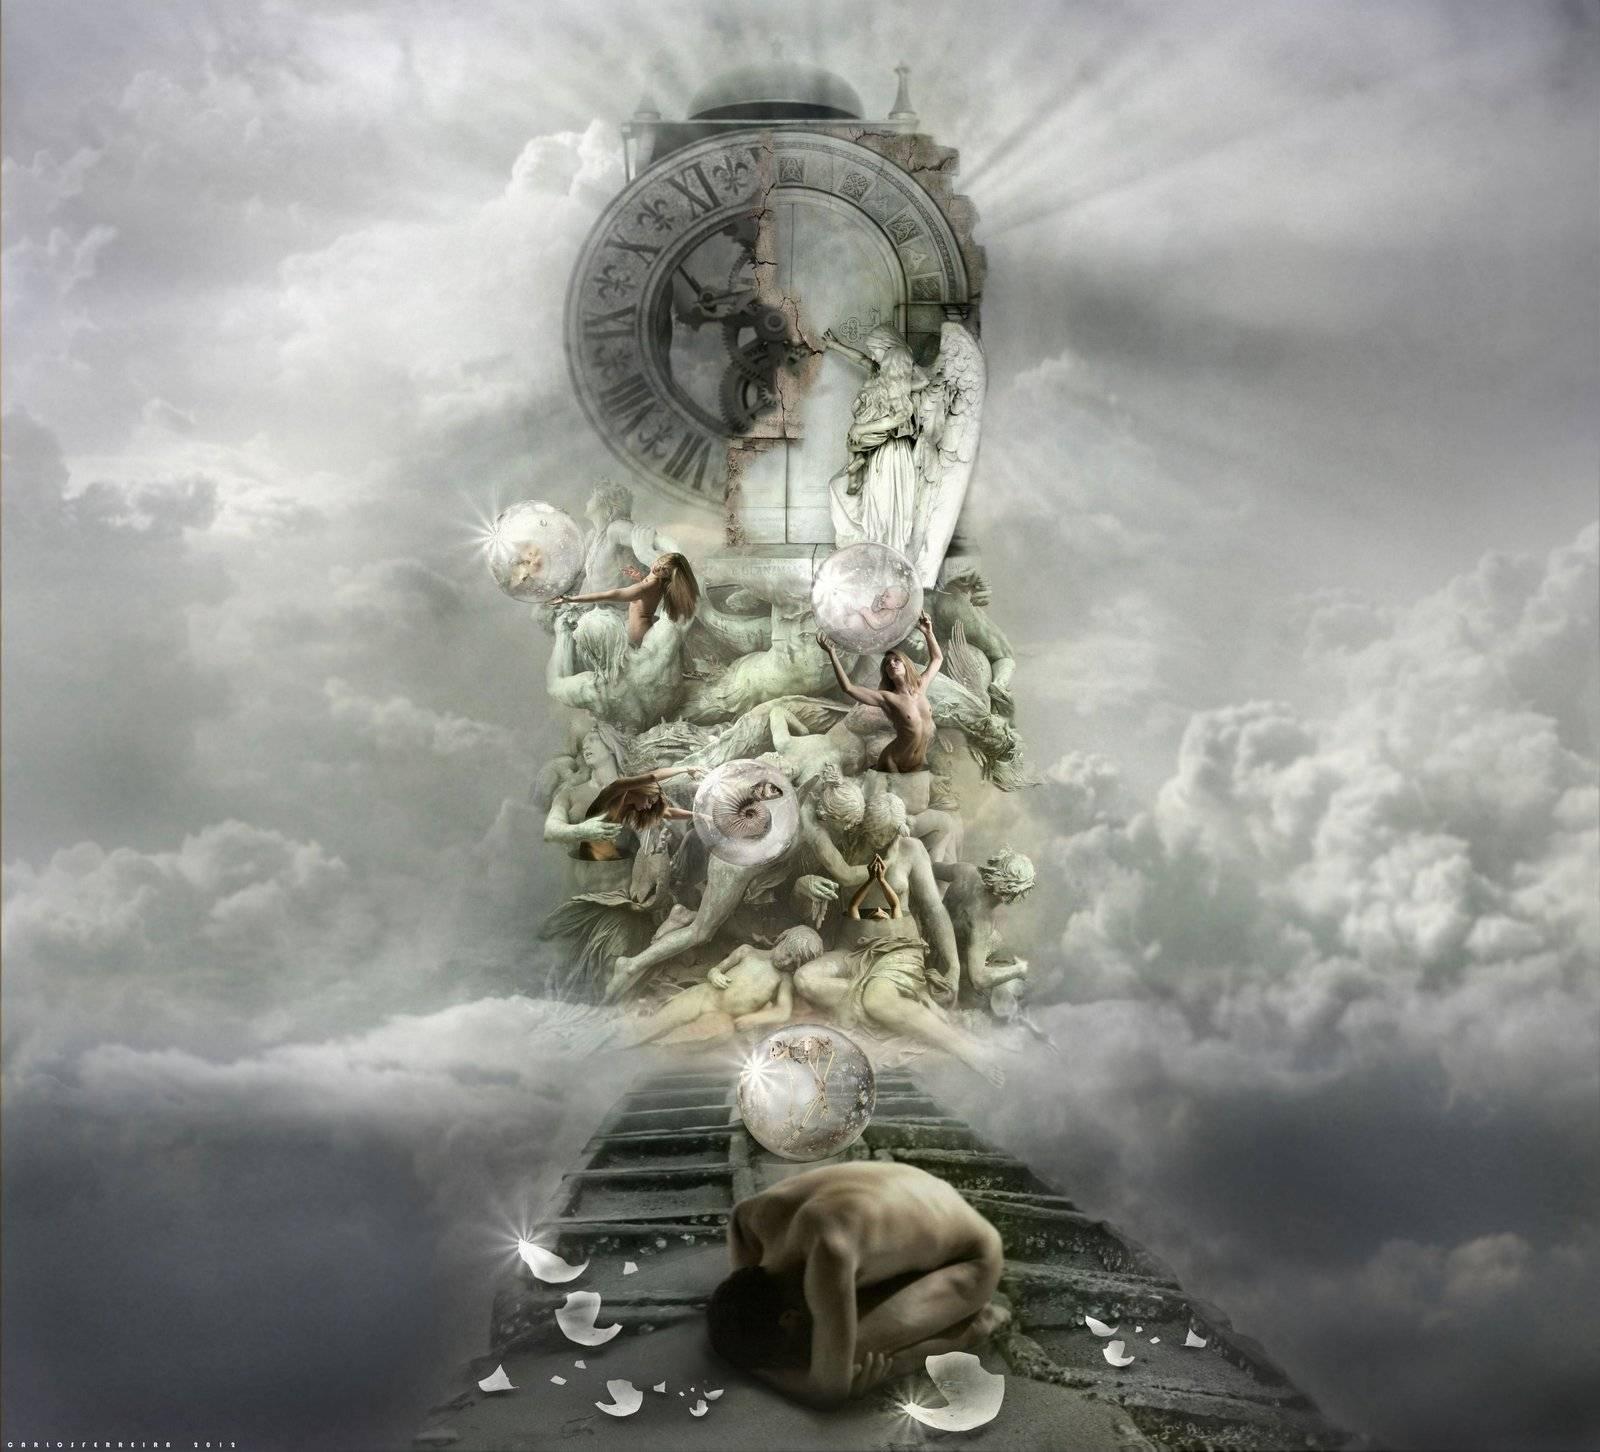 Реинкарнация души — как происходит перерождение людей и животных и как влияет на это карма. мистическая история